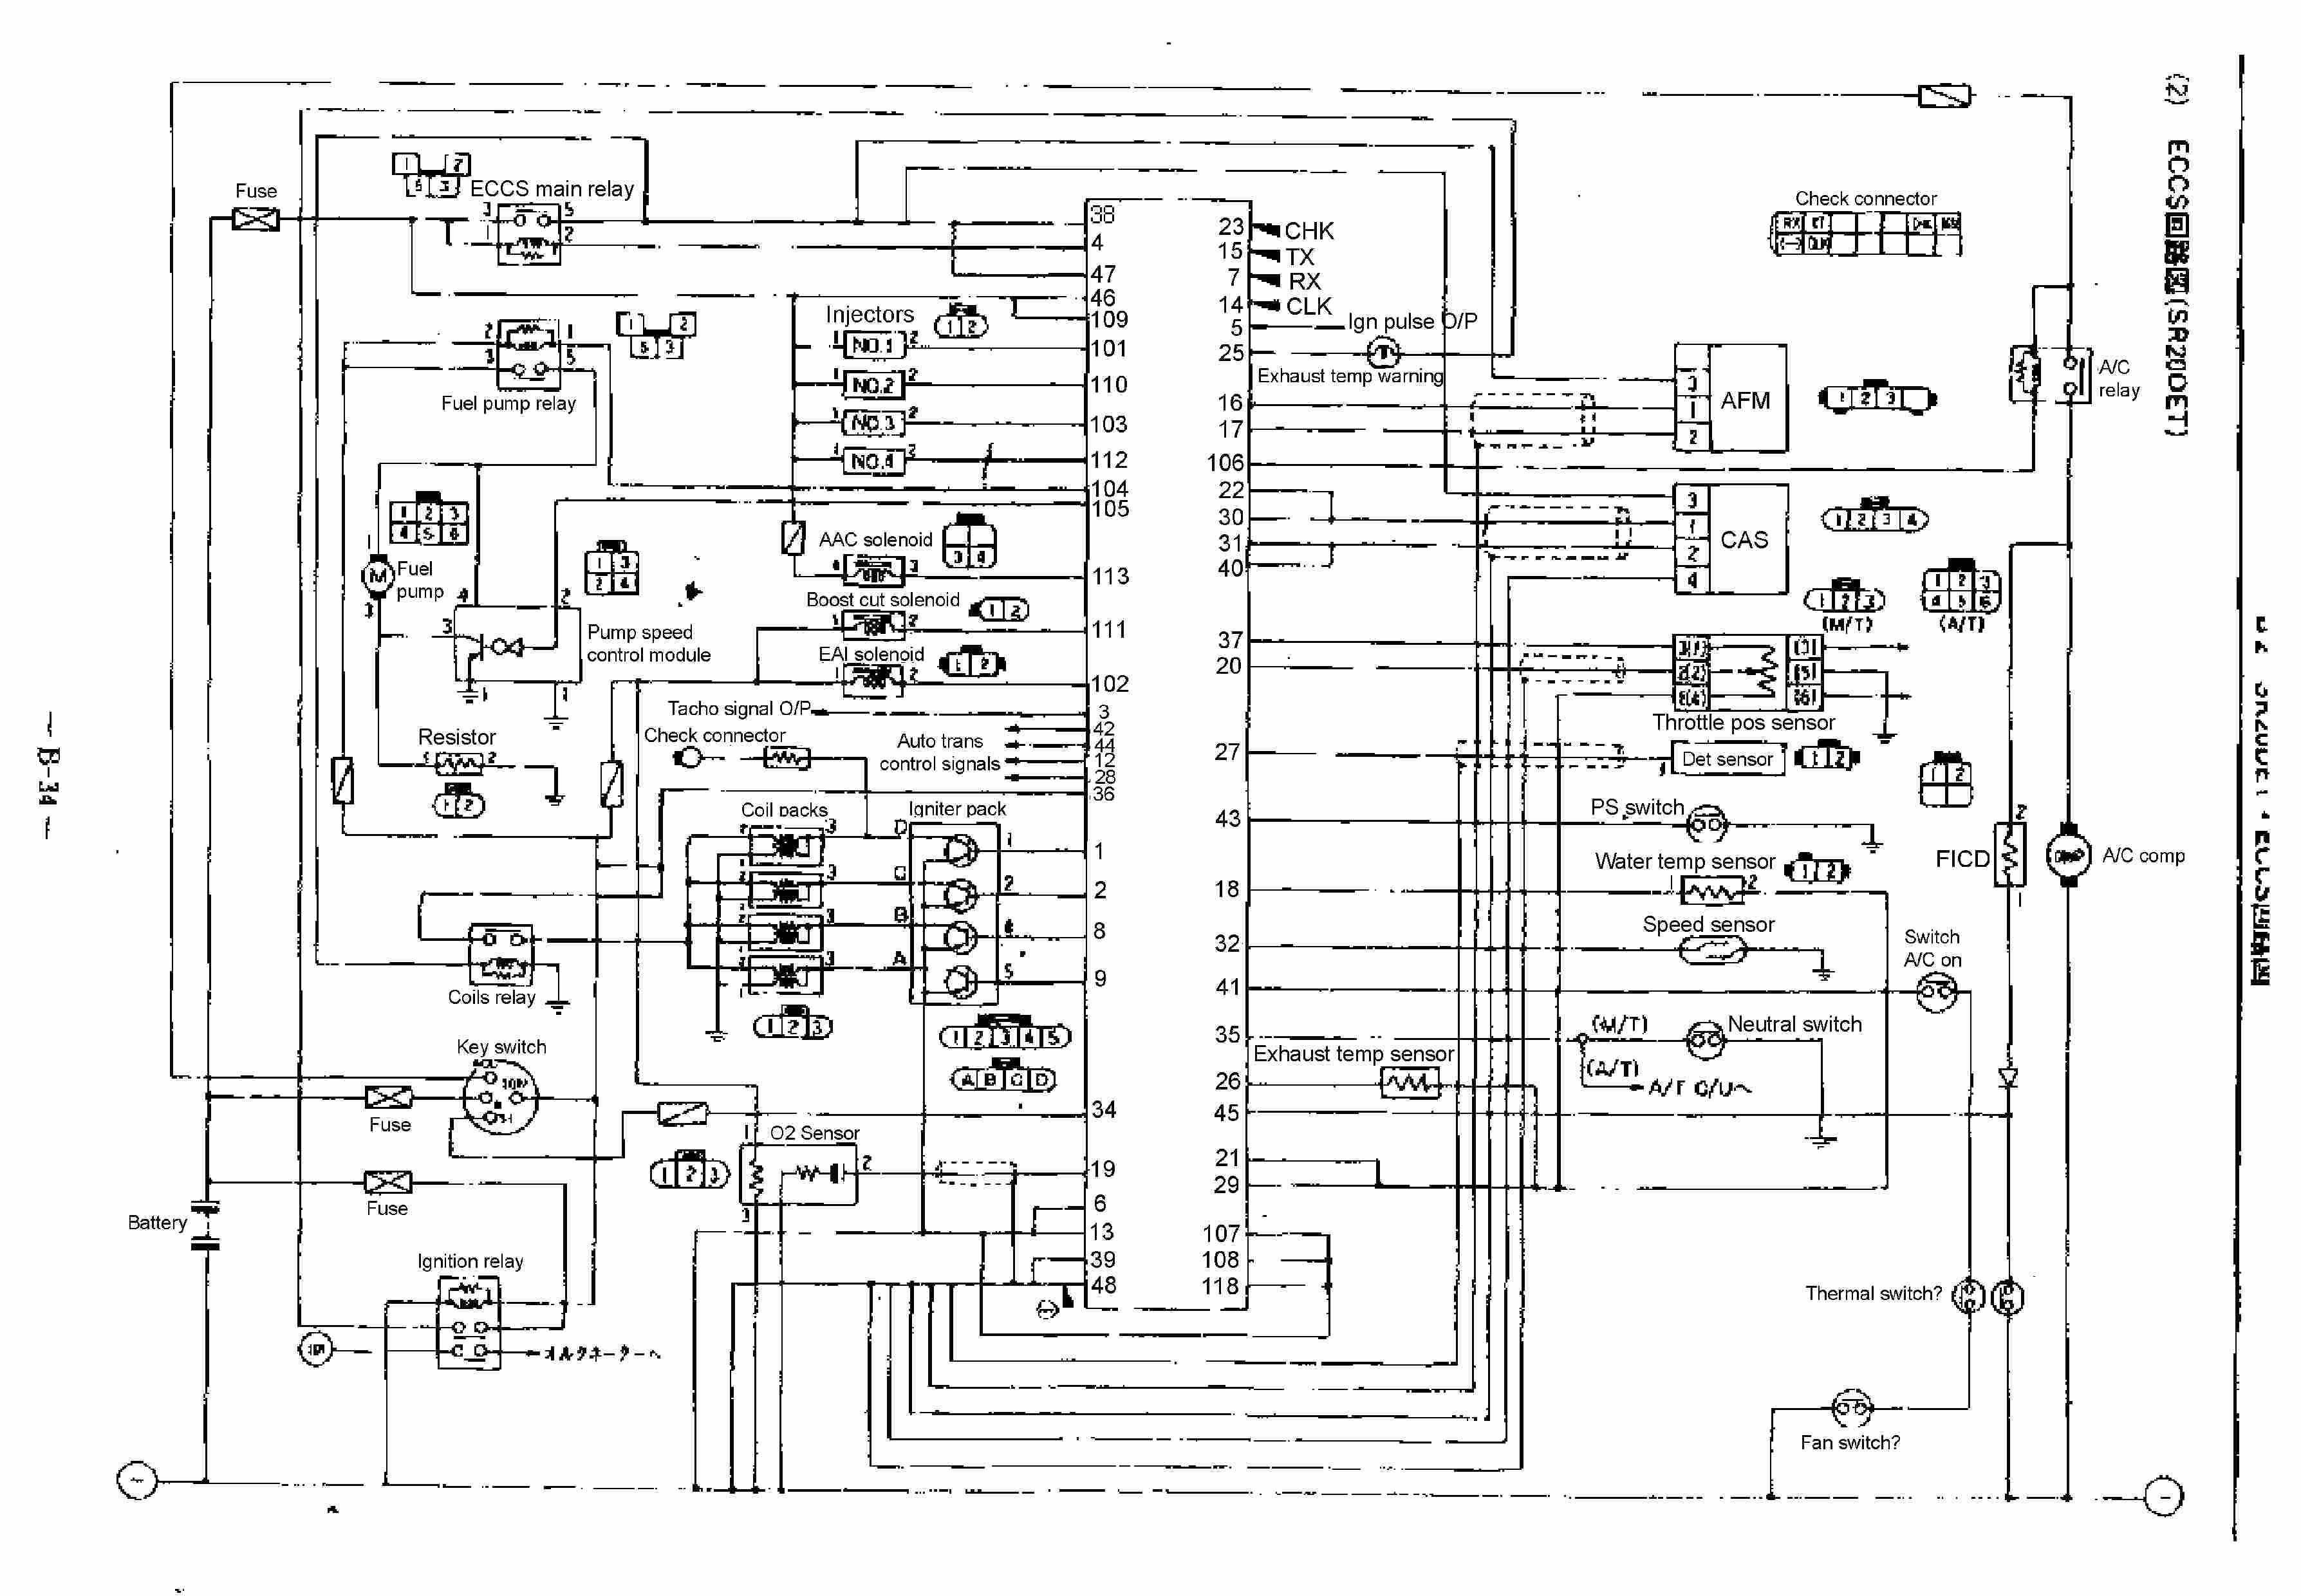 Daewoo Matiz Engine Diagram Daewoo Matiz Engine Diagram 1milioncars Wire Data Schema •